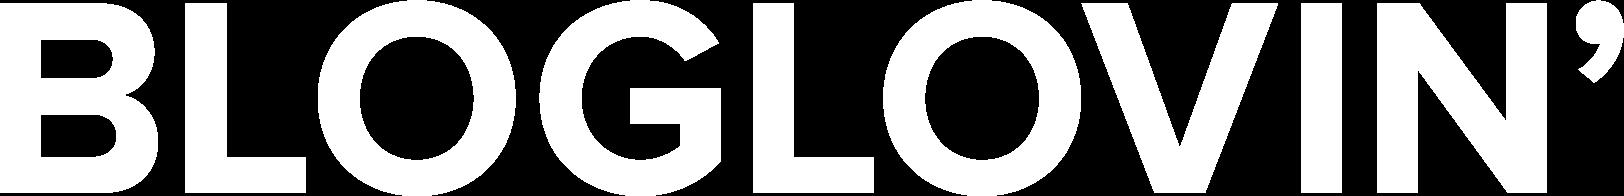 Bloglovin.com